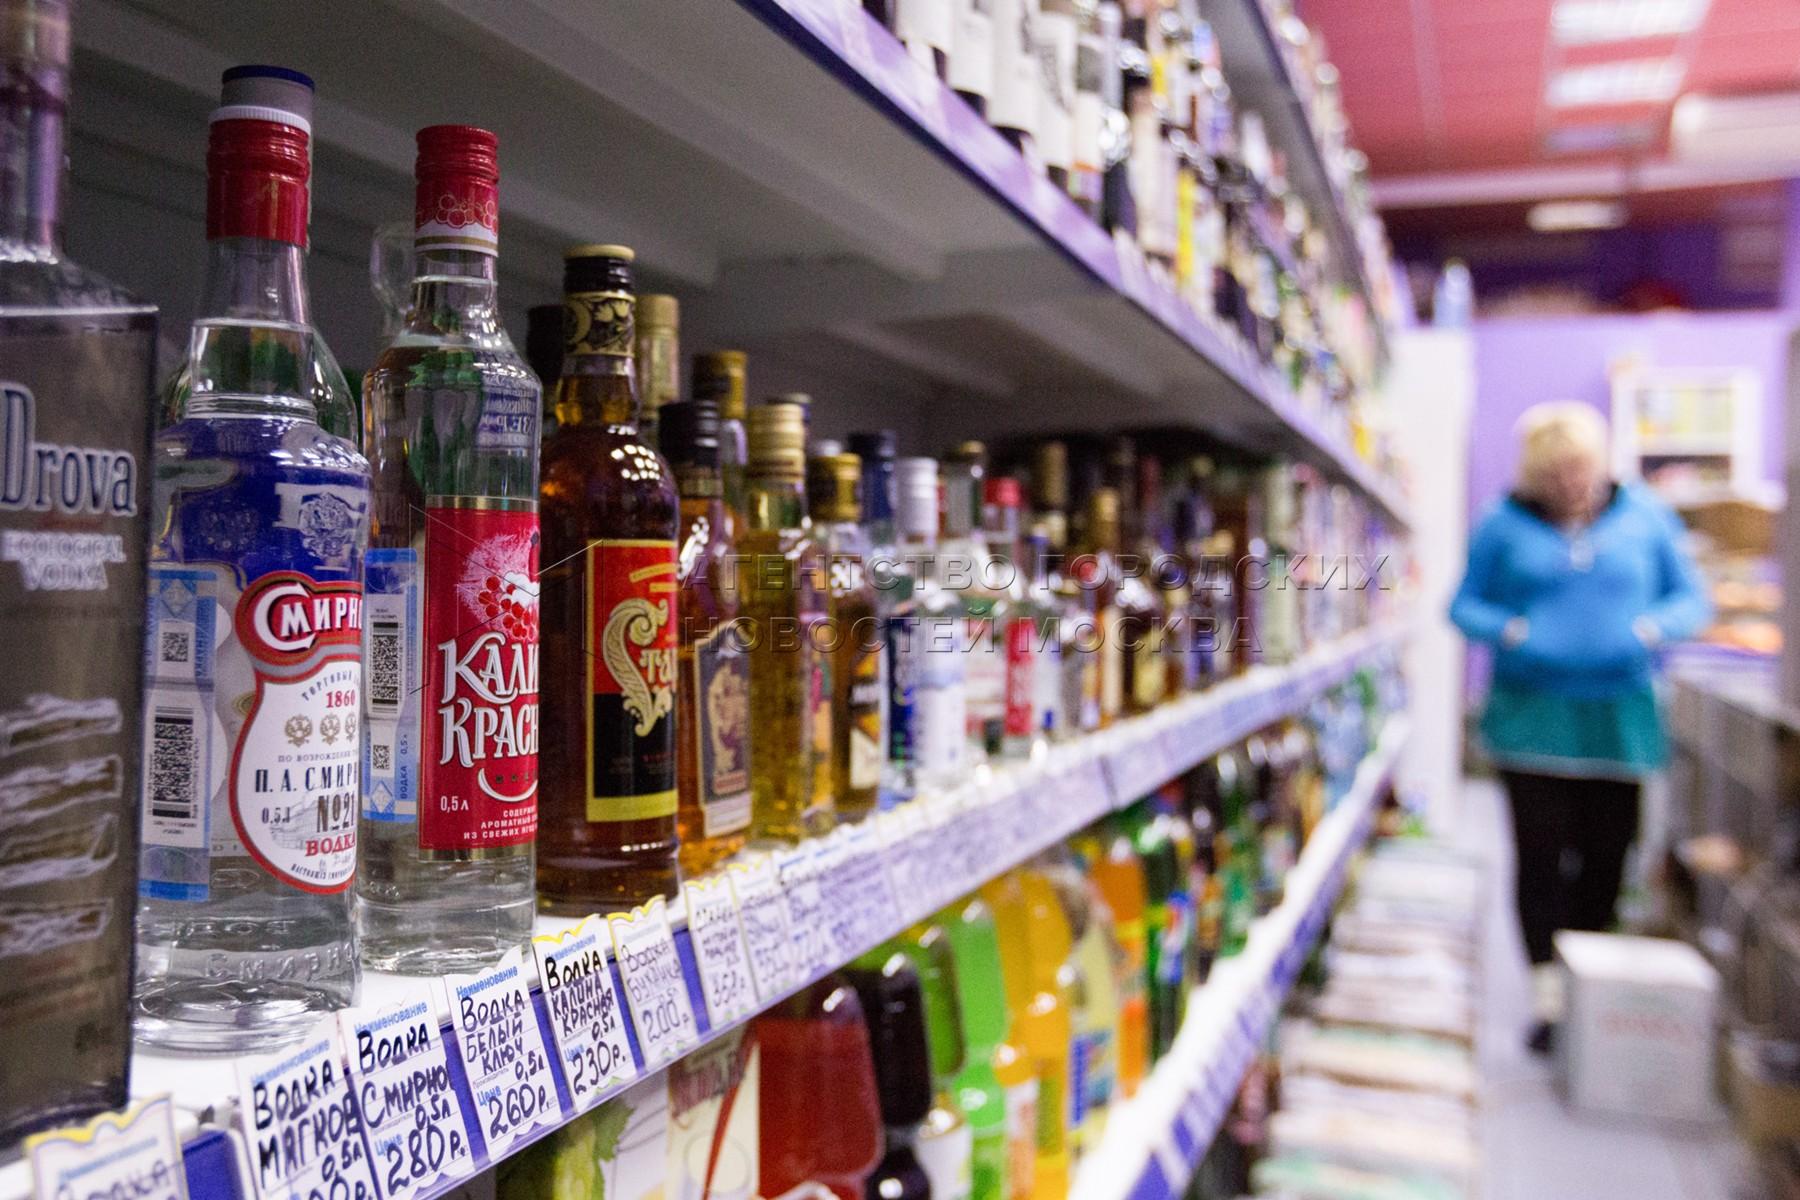 Рейд по выявлению контрафактного алкоголя в Москве.